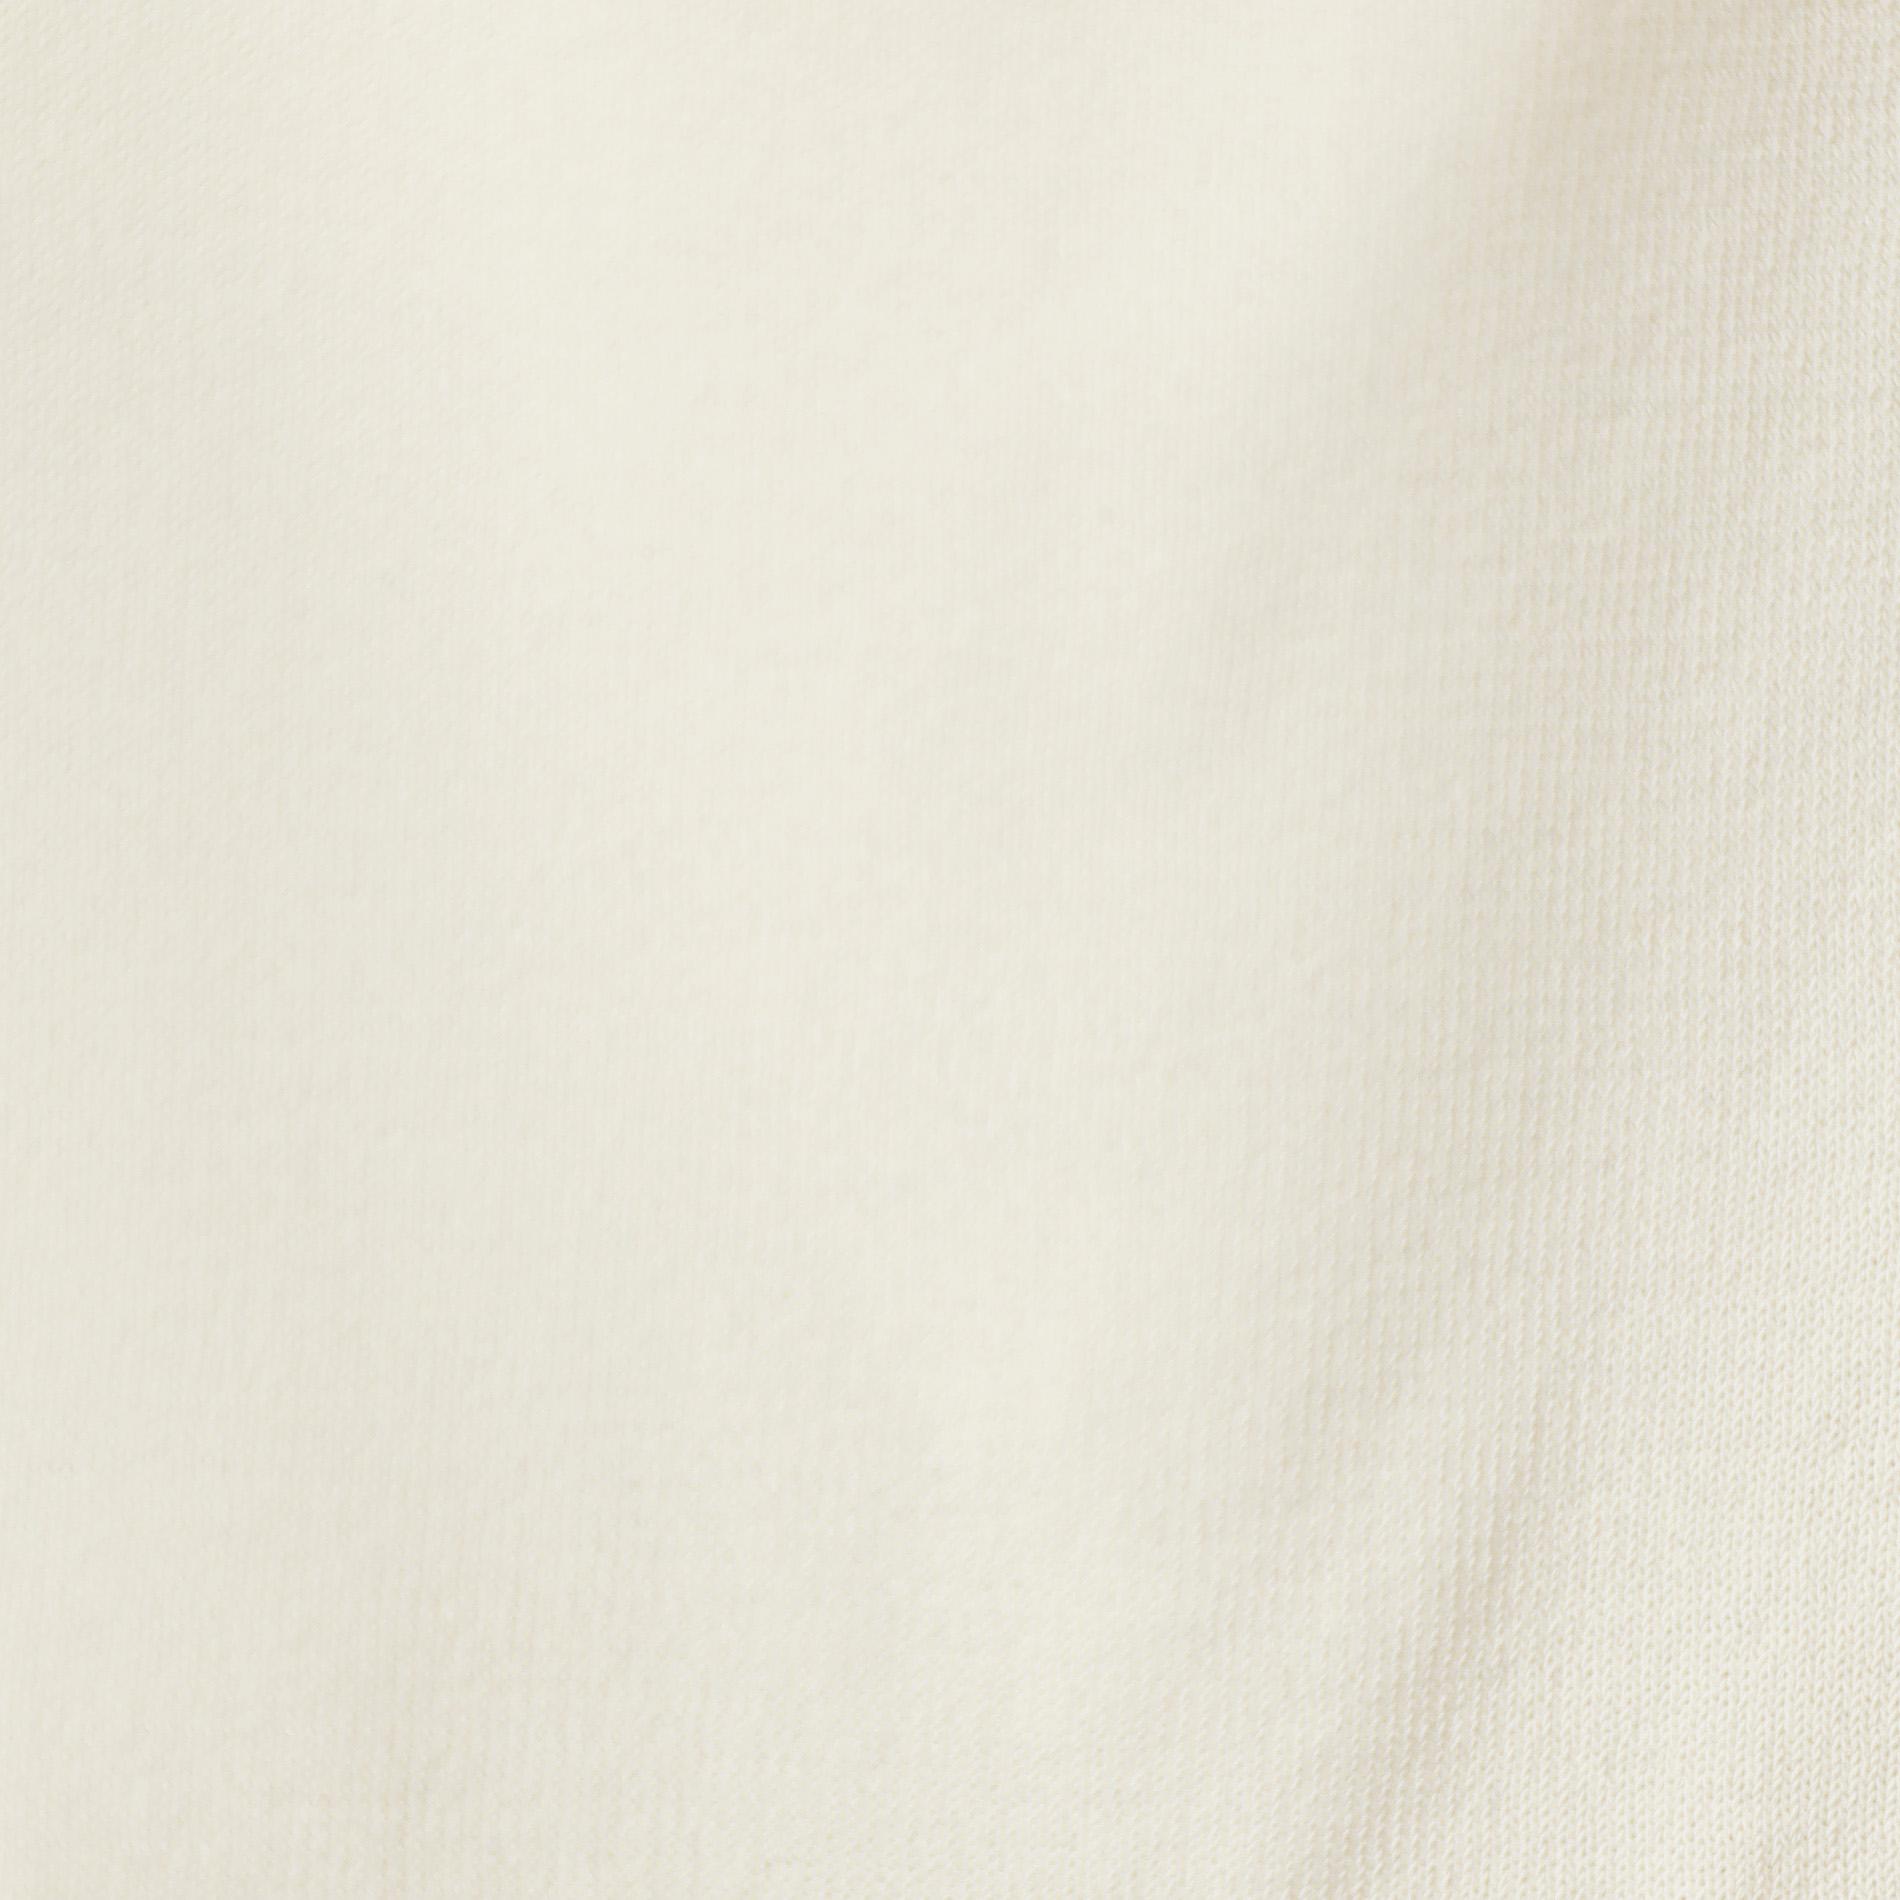 ◆◆クールレーヨンクルーネックプルオーバー